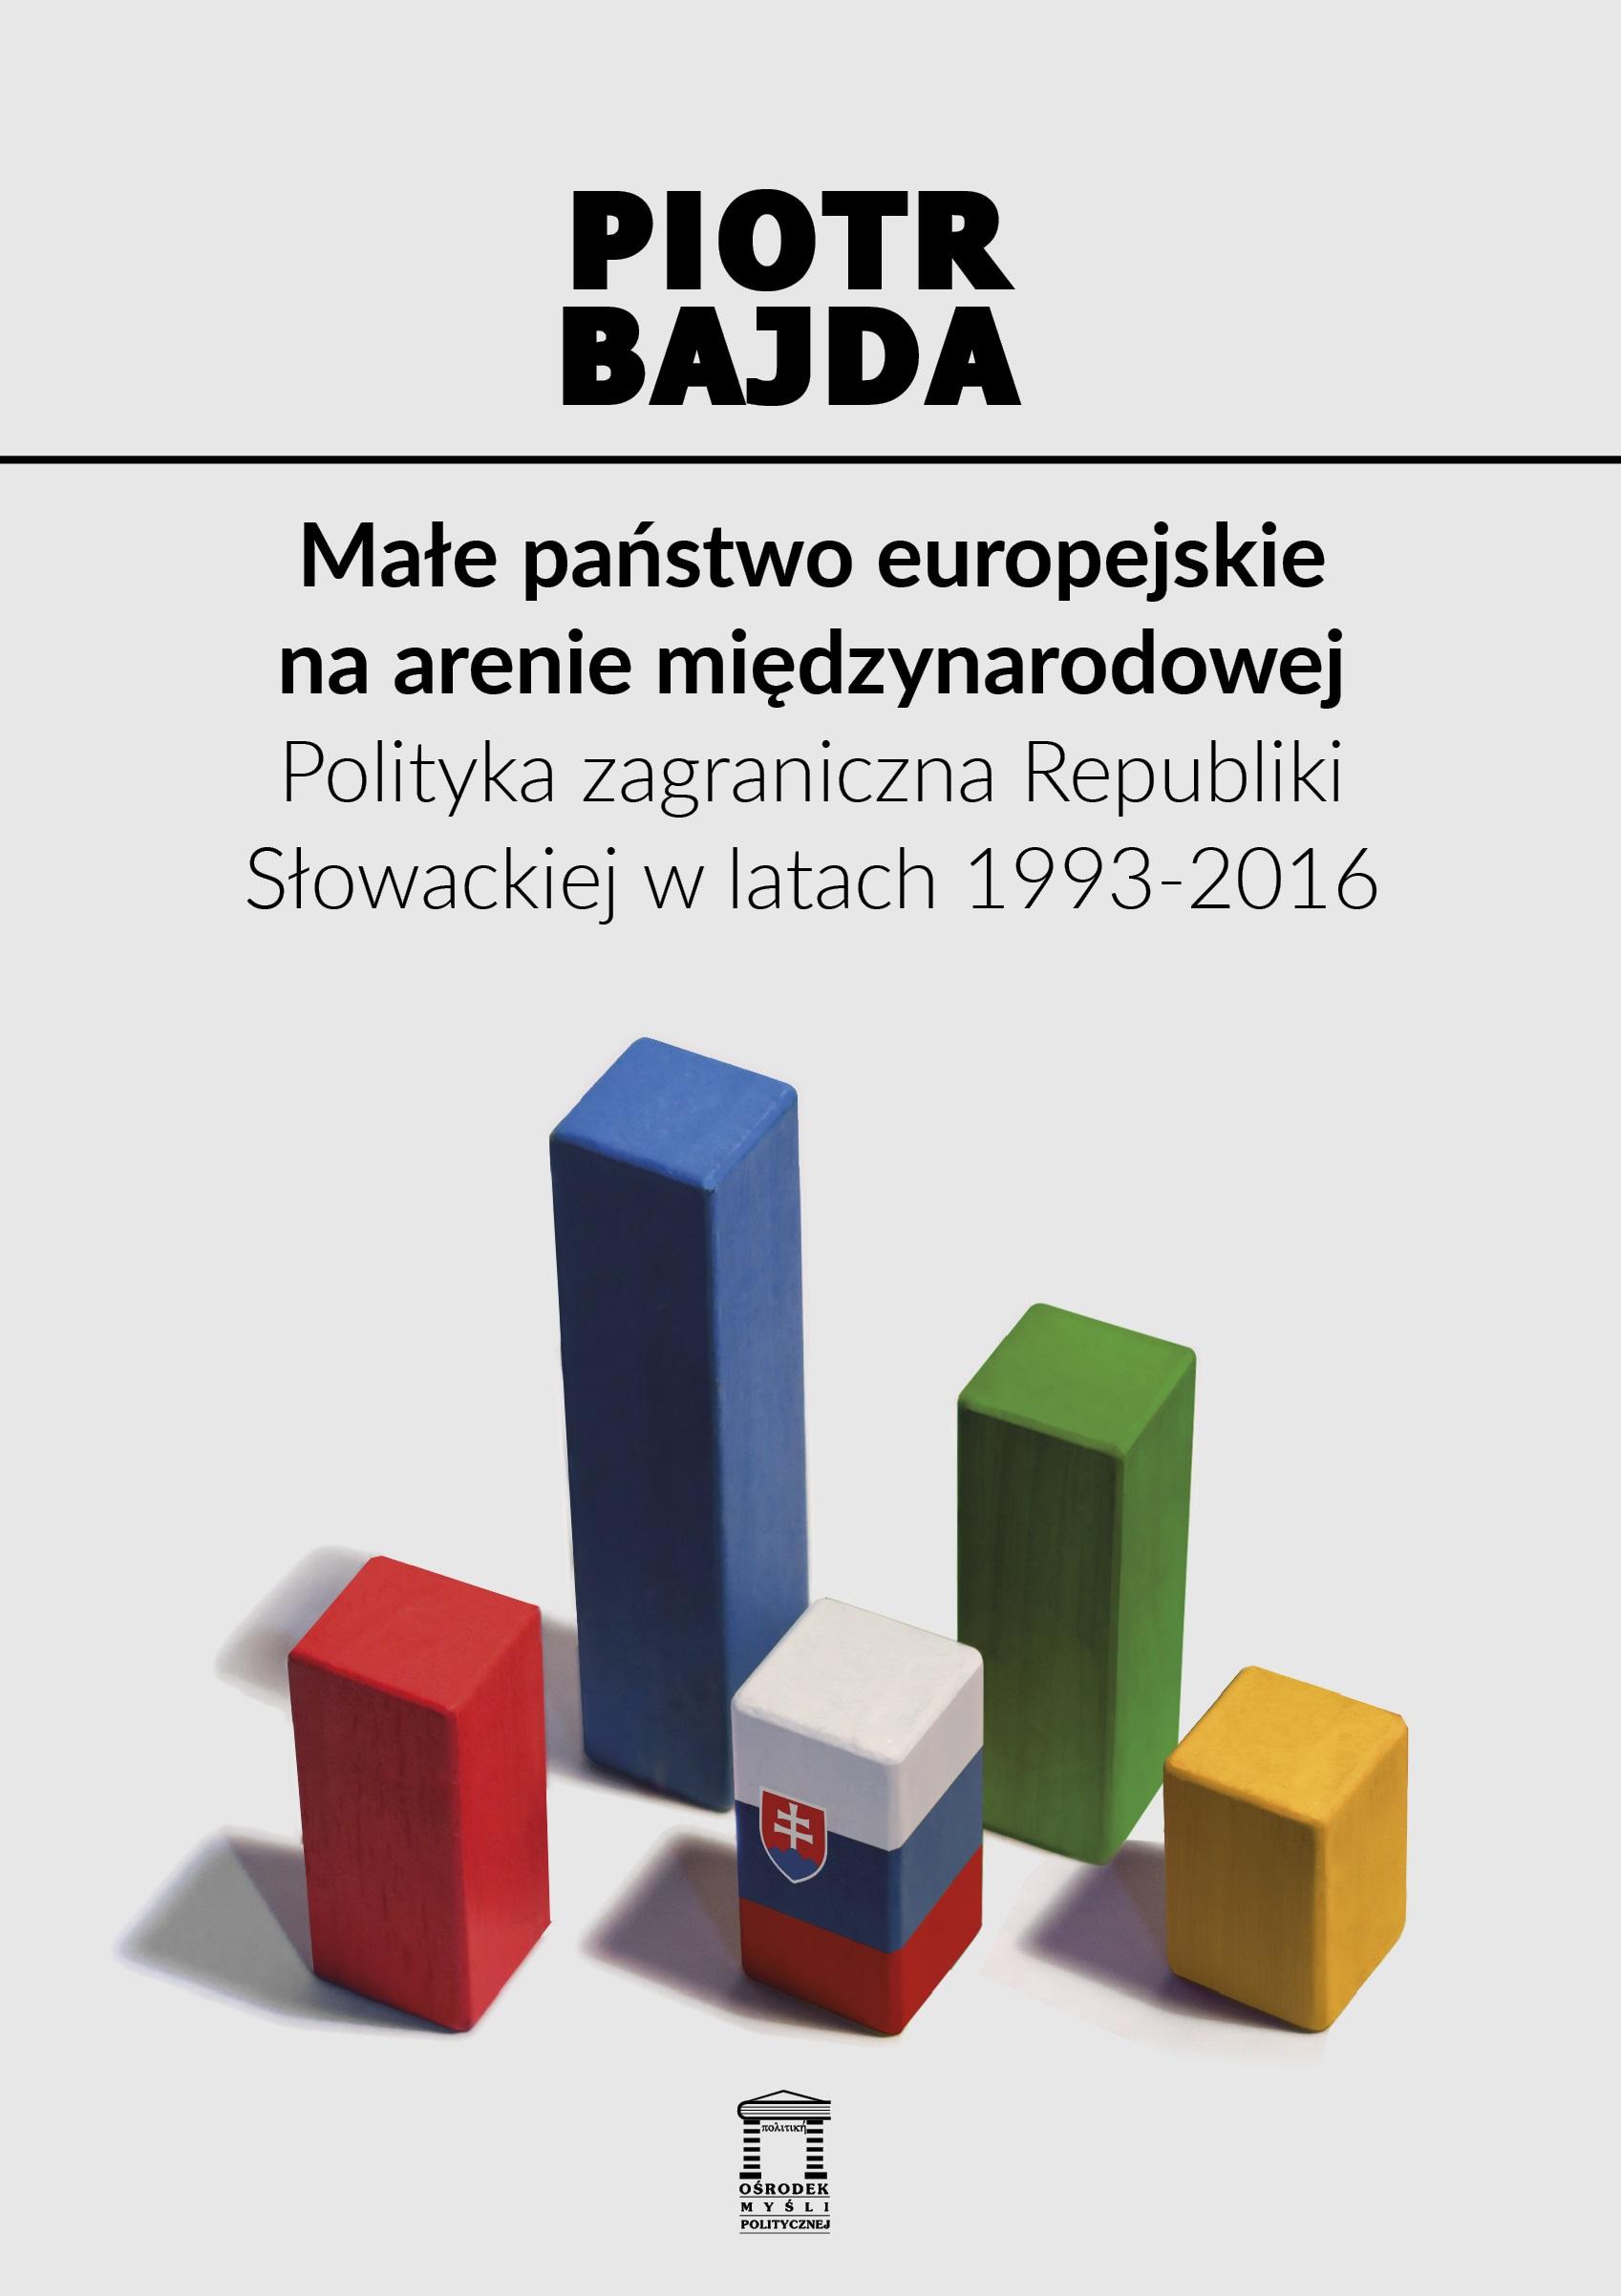 Małe państwo europejskie naarenie międzynarodowej. Polityka zagraniczna Republiki Słowackiej wlatach 1993-2016